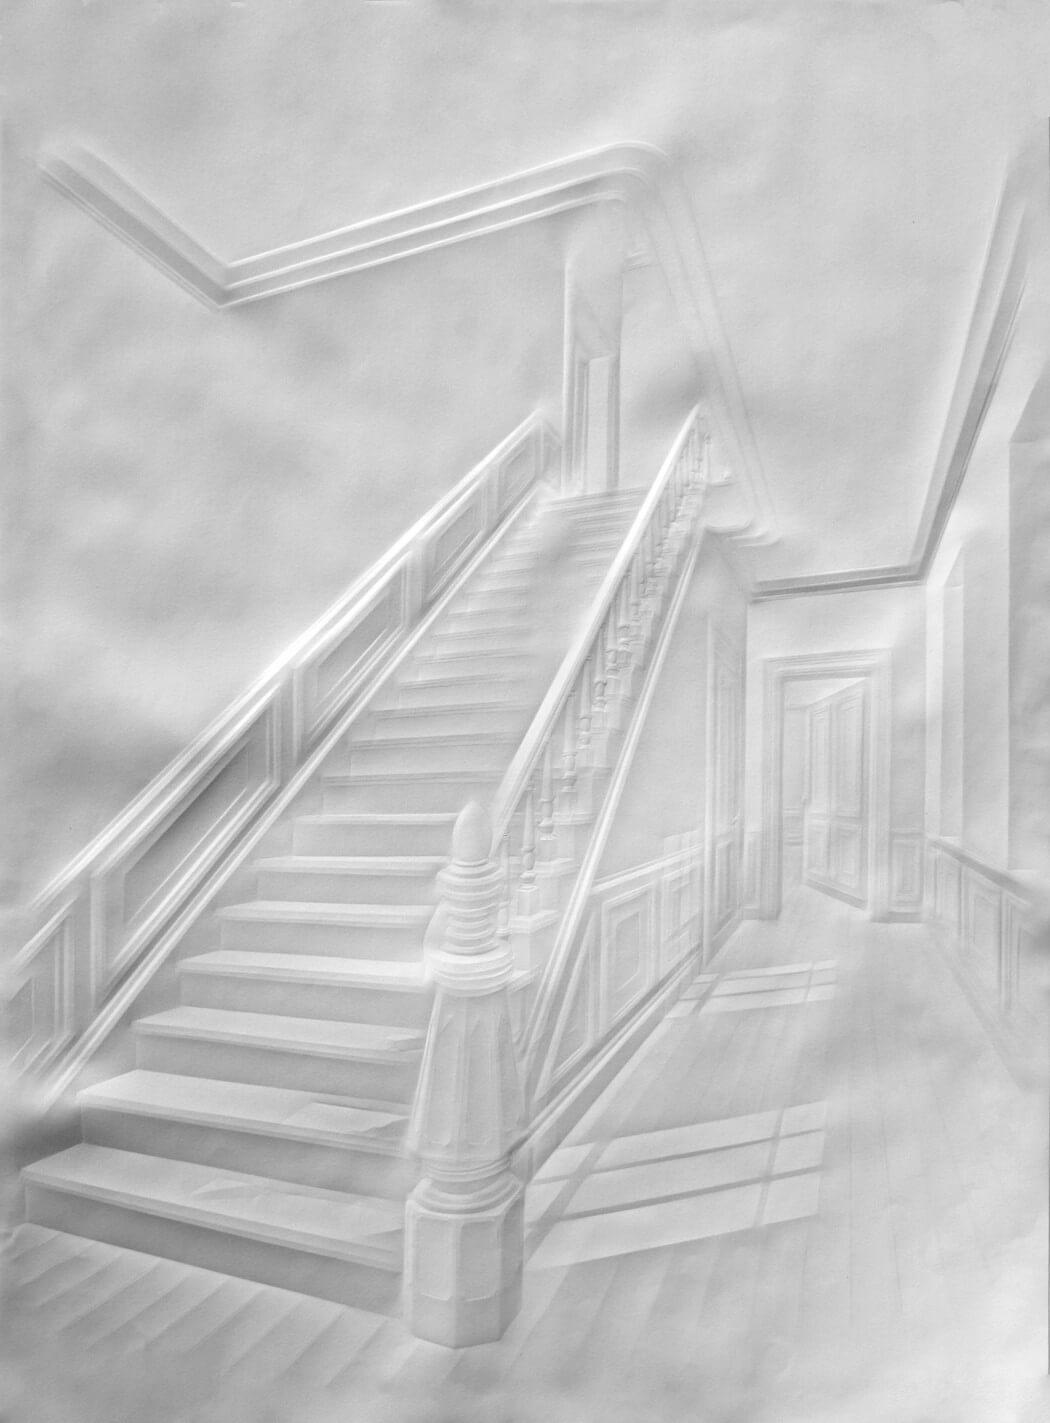 diseño-de-interiores-en-papel-2